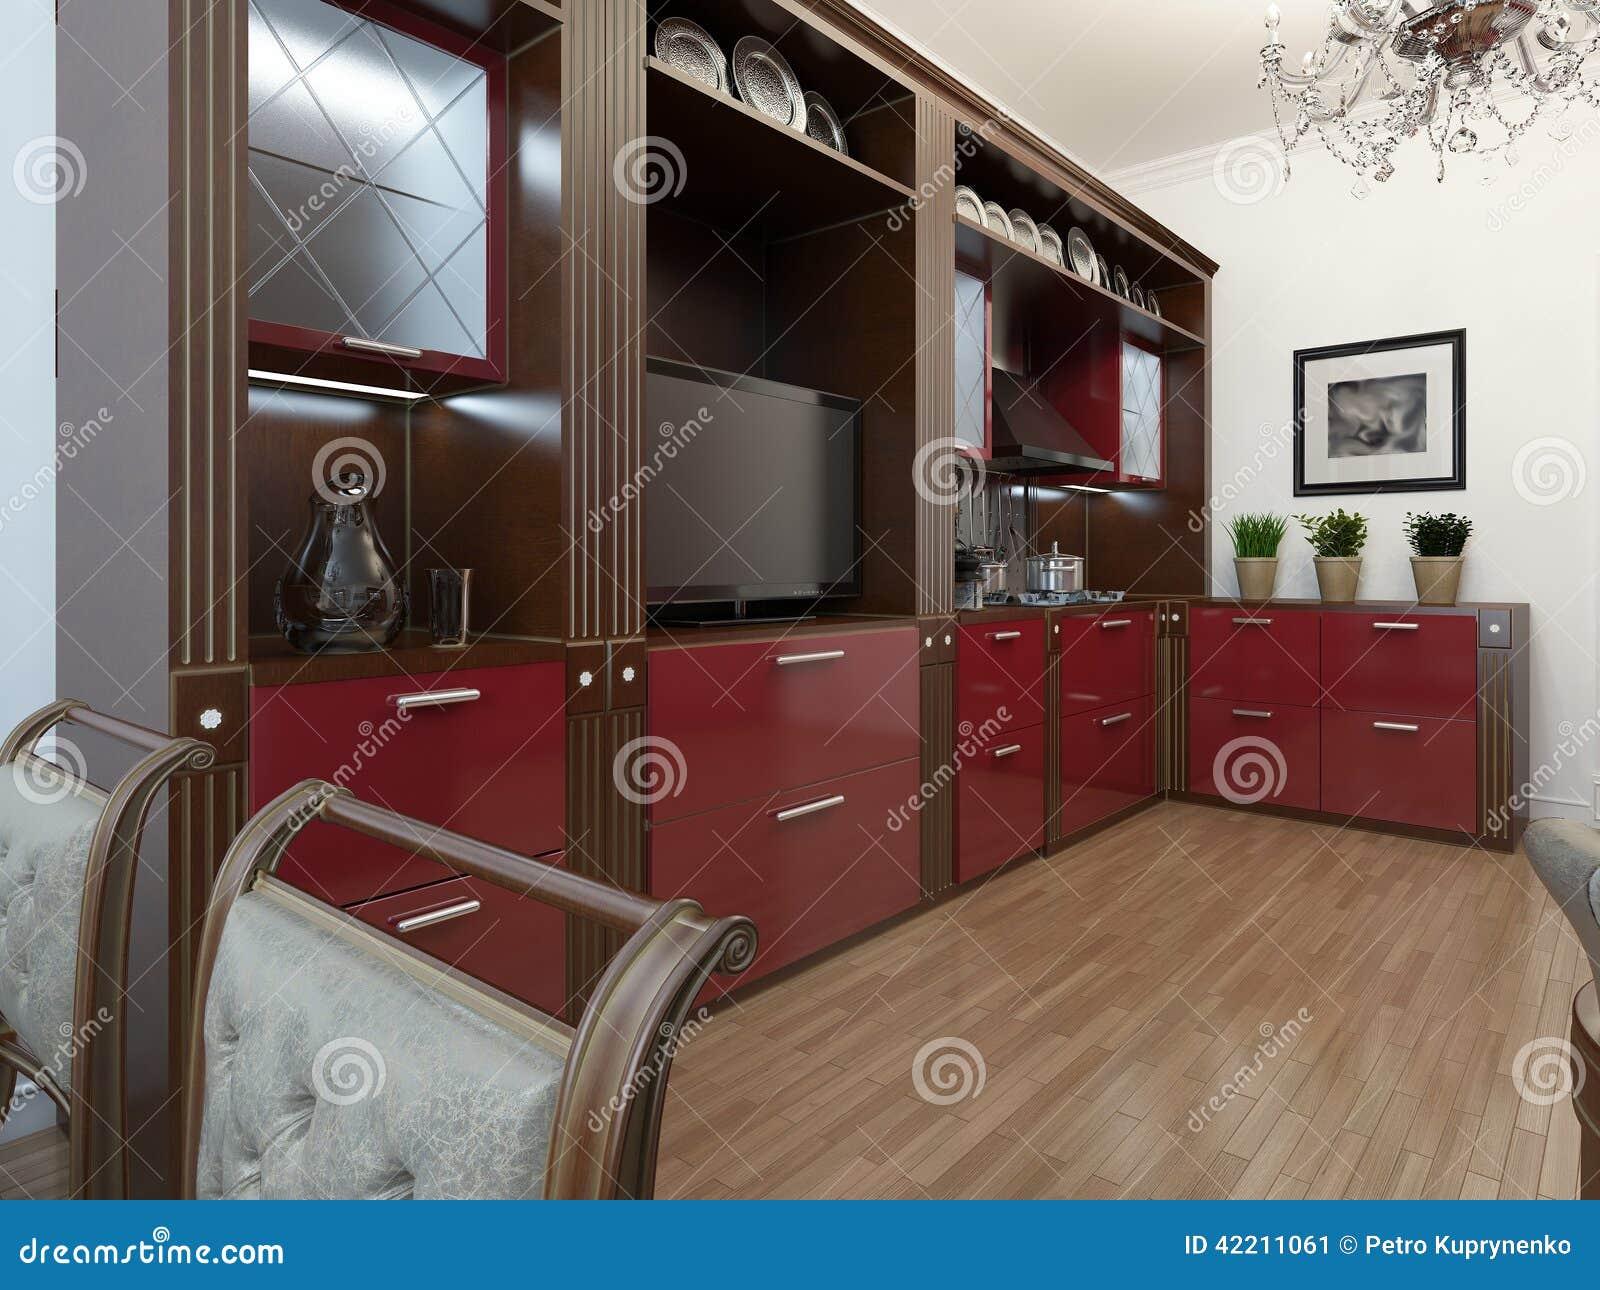 Keuken in de art deco stijl stock illustratie afbeelding 42211061 - Mode keuken deco ...